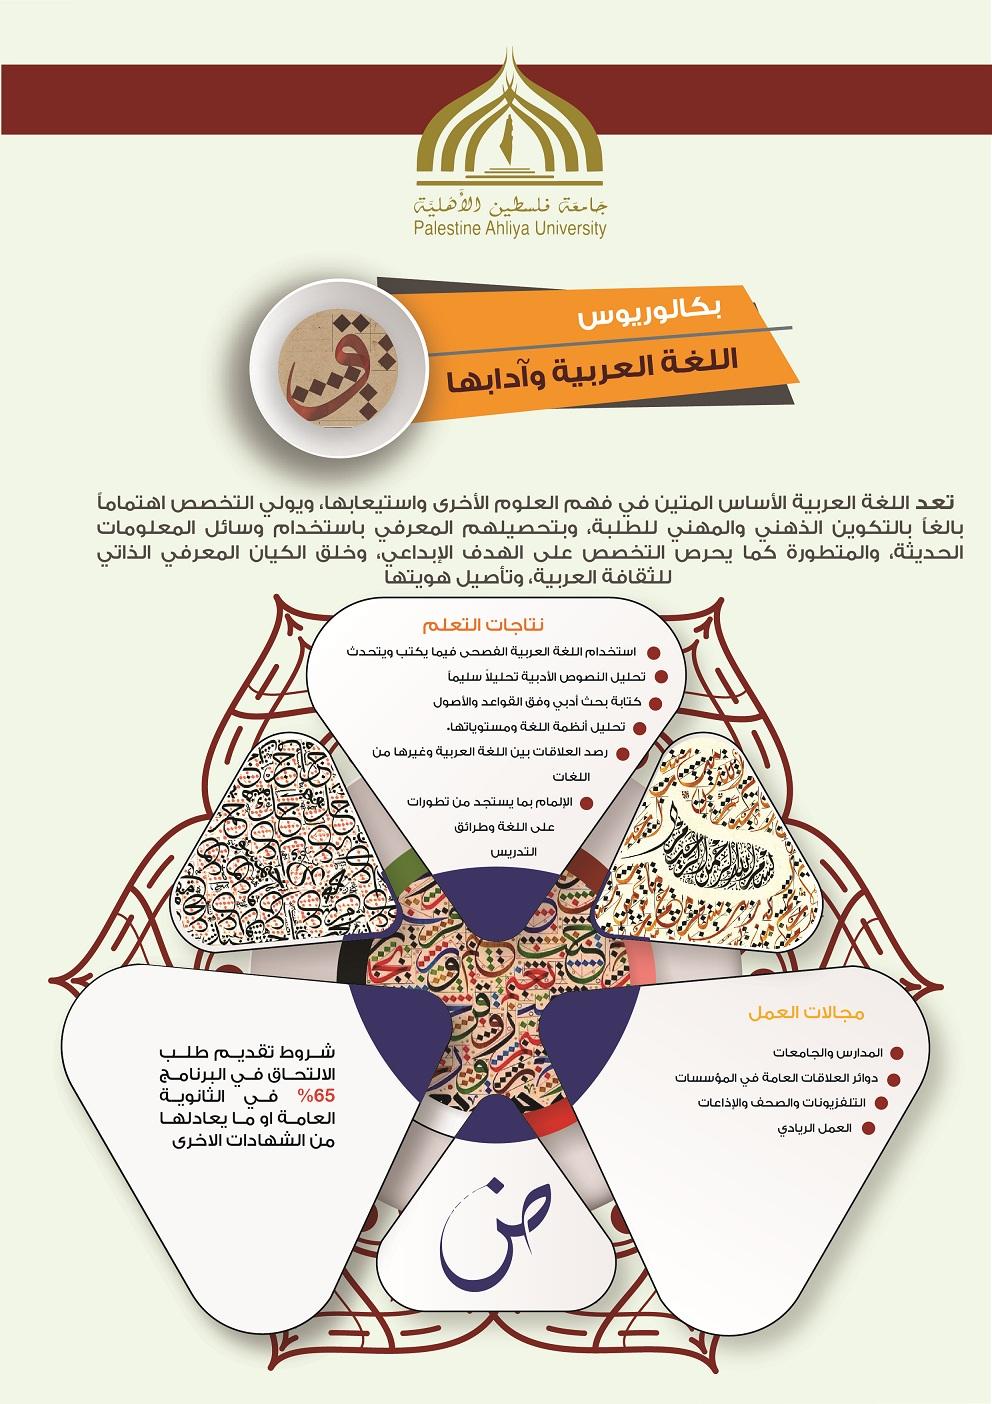 arabic 01 01 1 - قسم اللغة العربية وآدابها